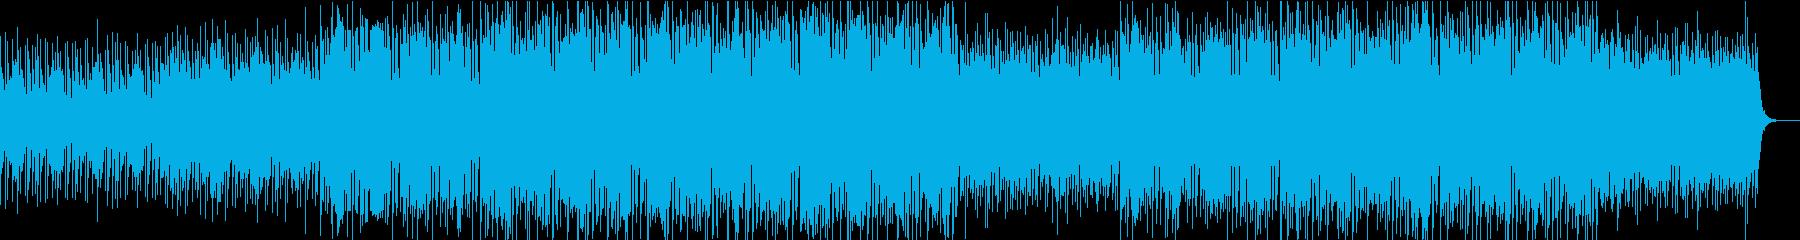 おしゃれでスタイリッシュなエレクトロの再生済みの波形